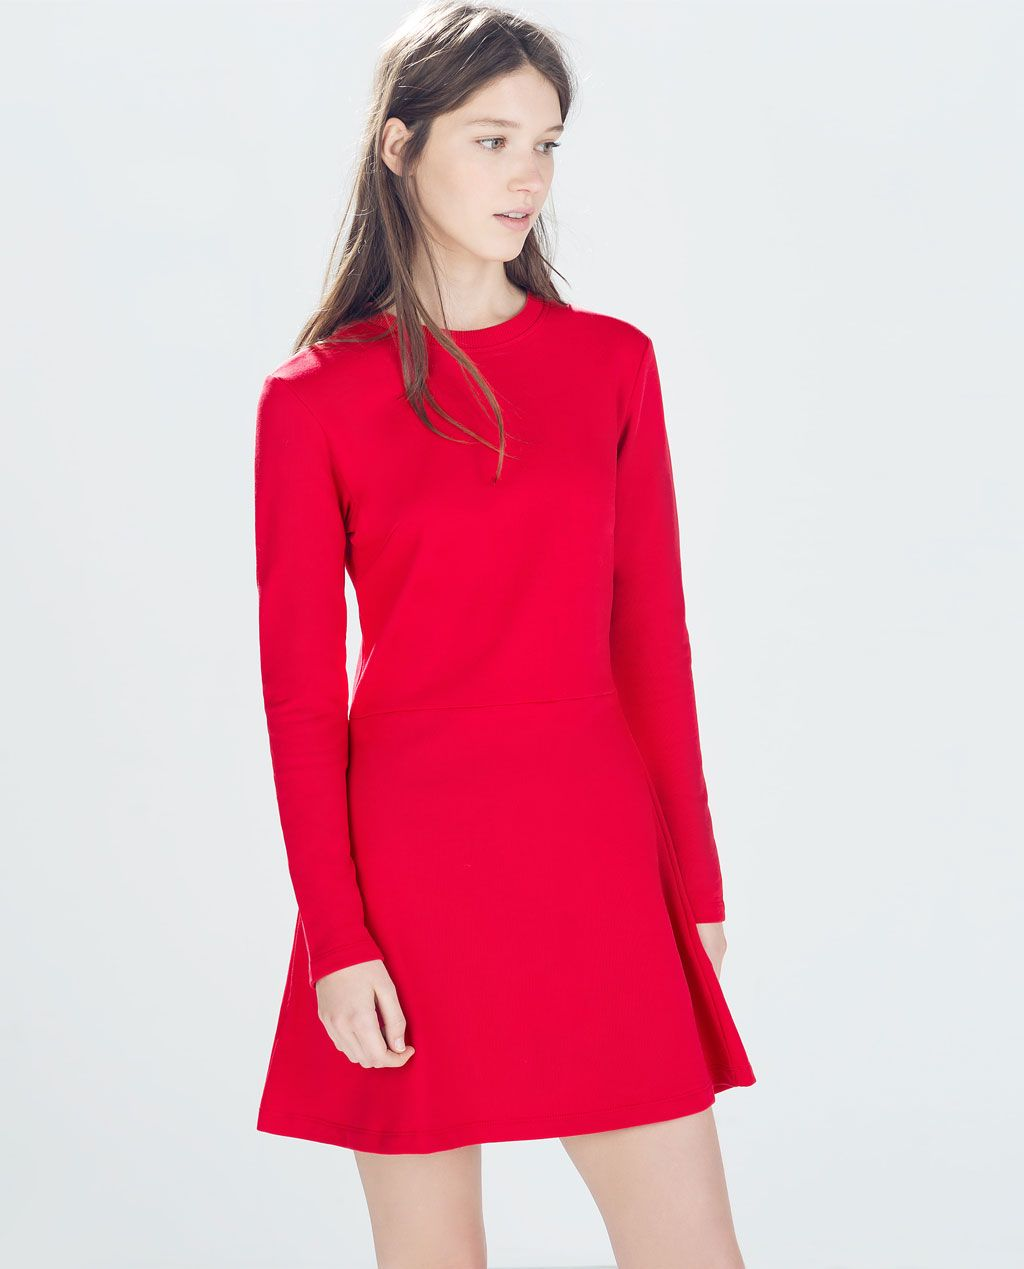 Petite robe rouge zara